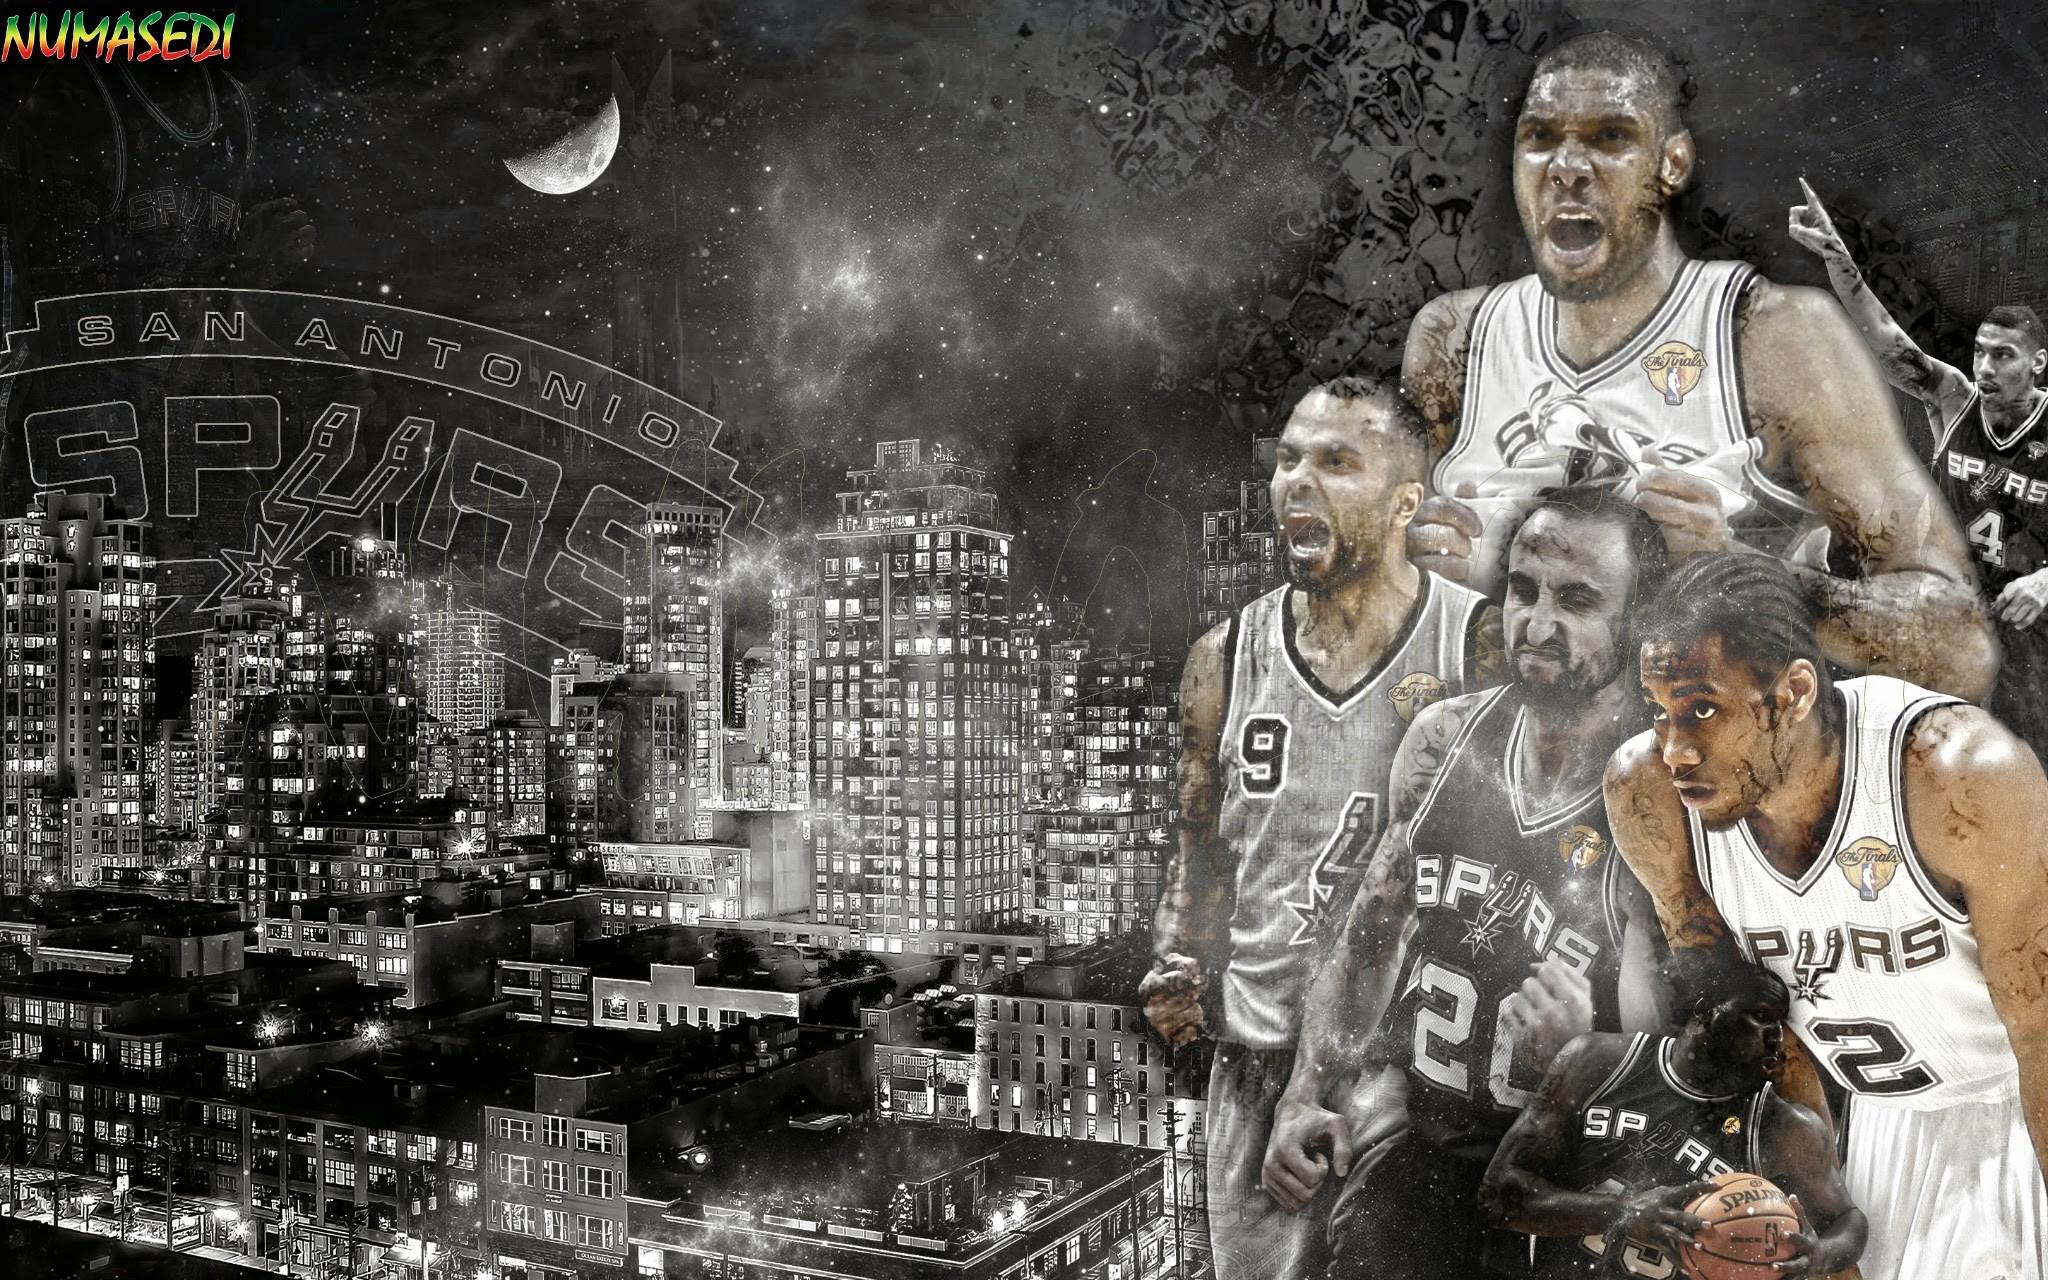 San Antonio Spurs 2018 Wallpaper 61 Images